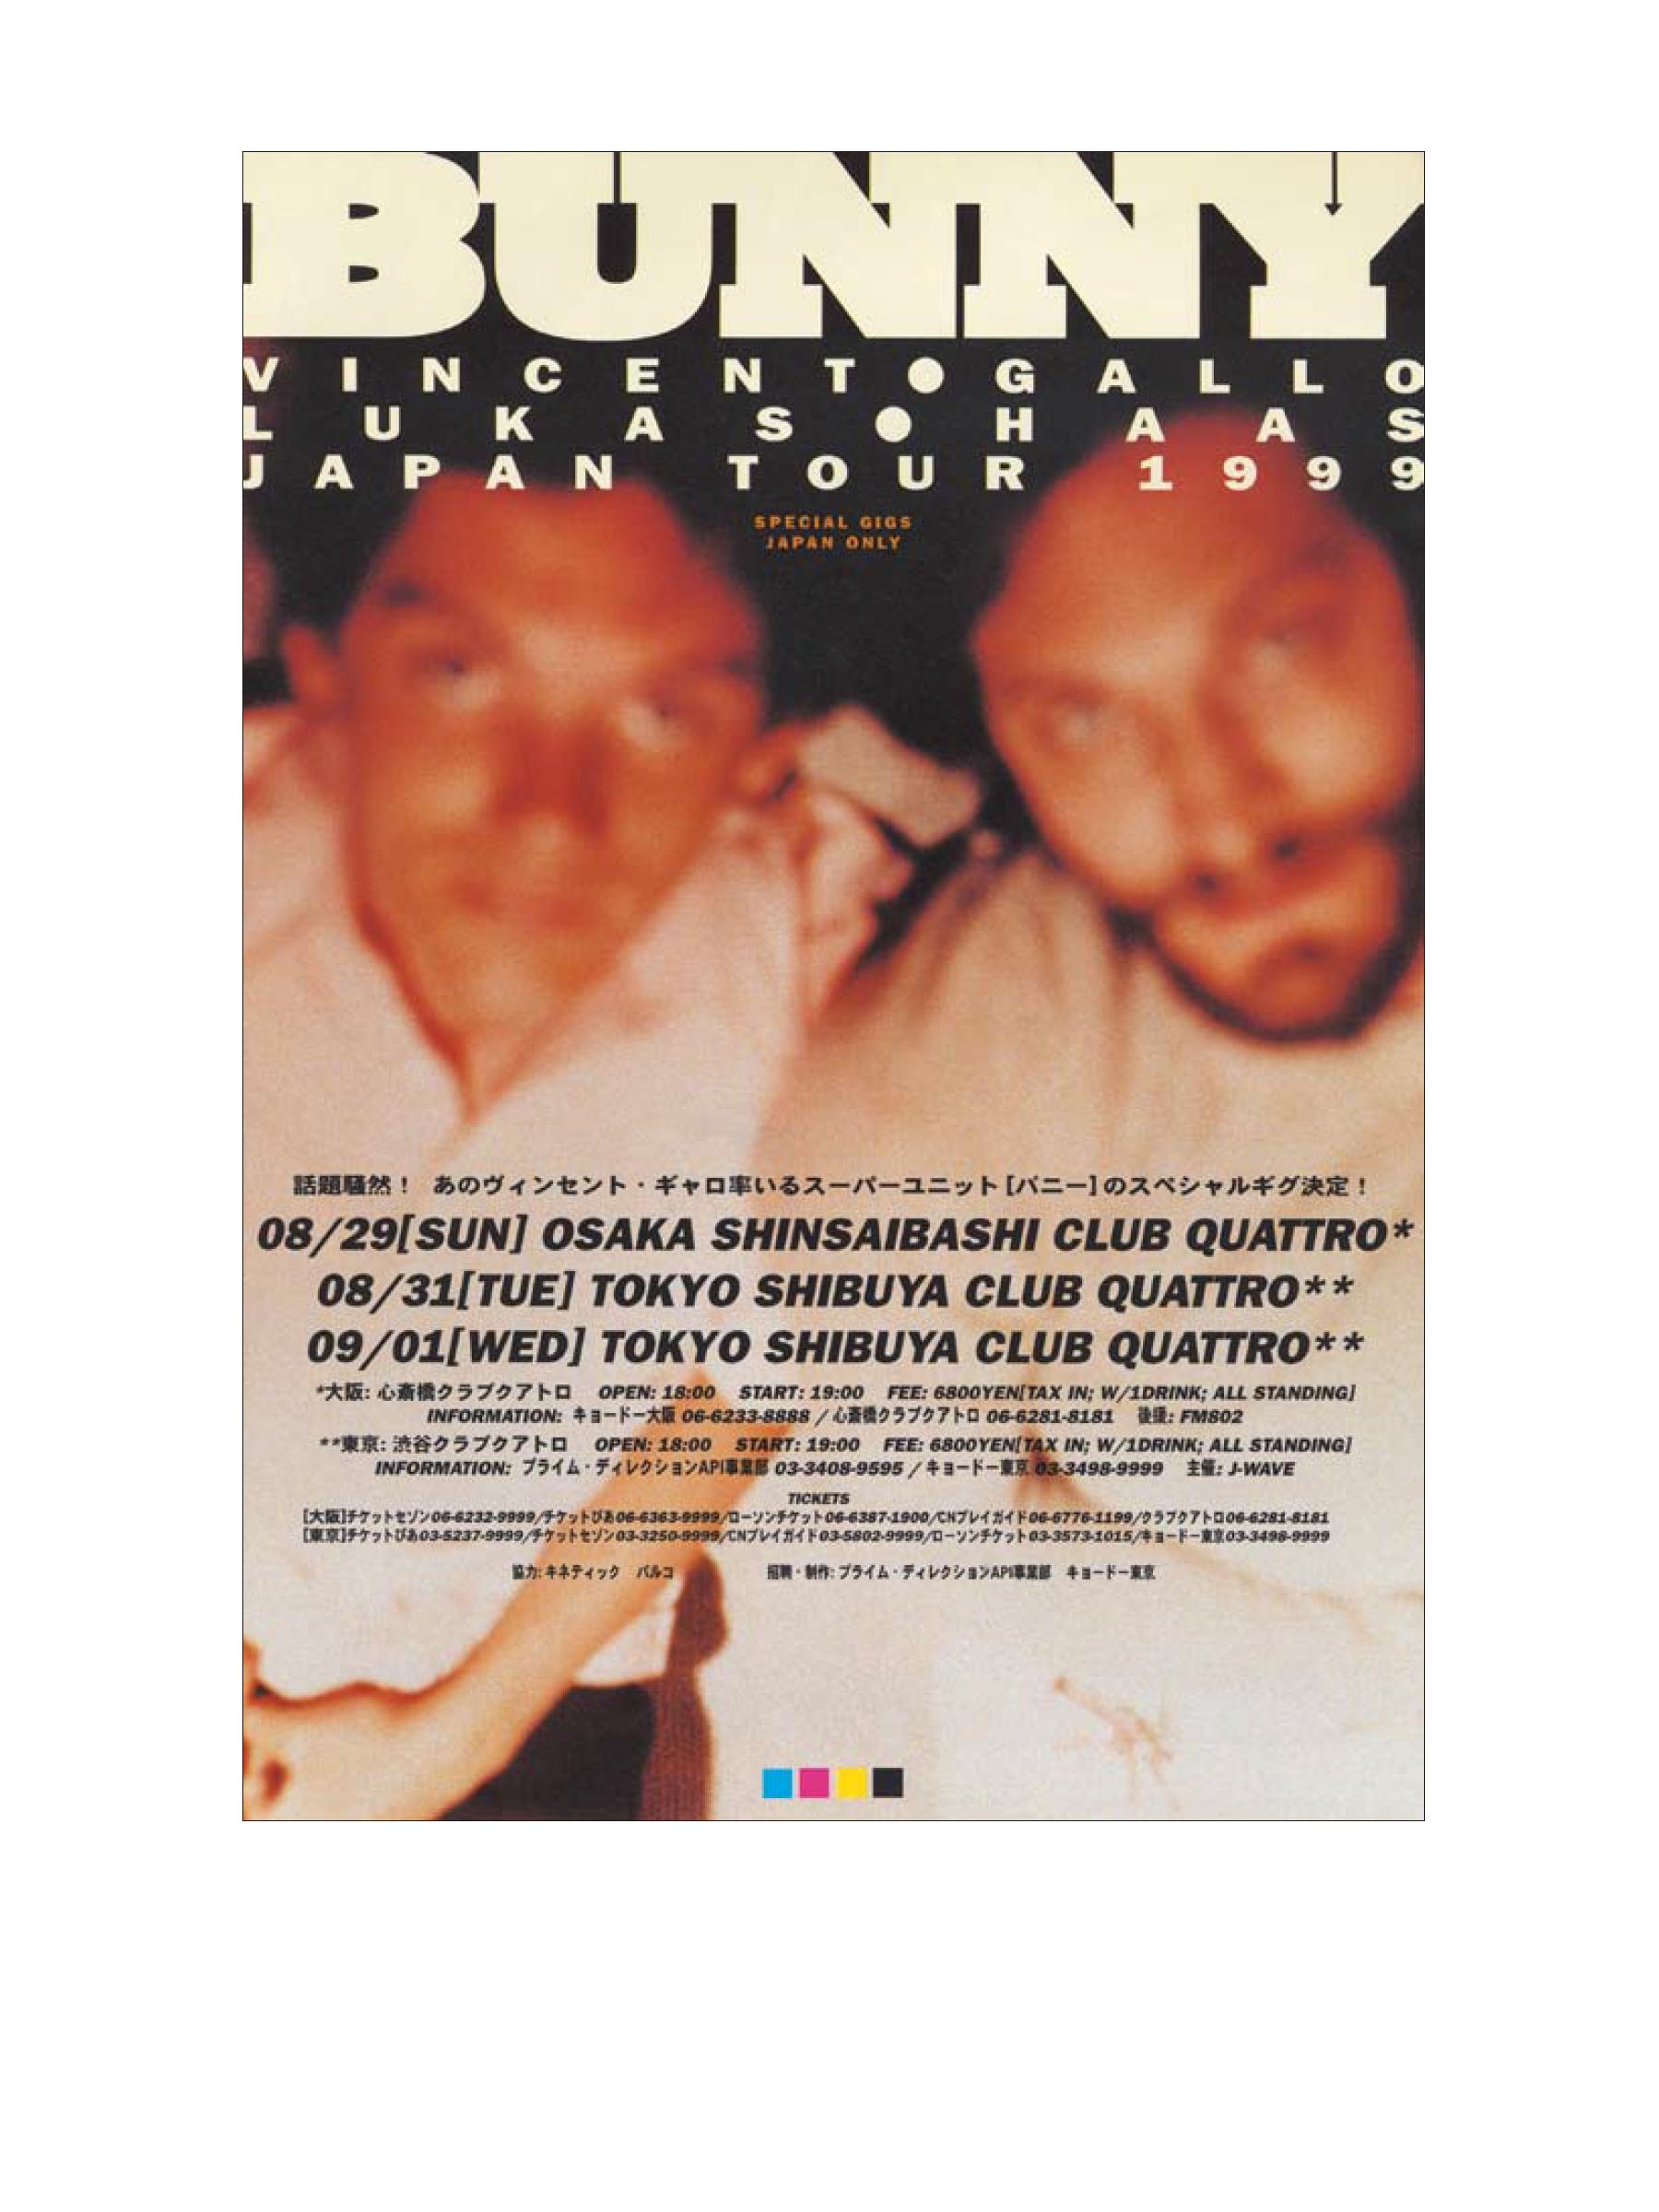 BUNNY JAPAN TOUR 1999 ポスター(B1)/フライヤー(A5)